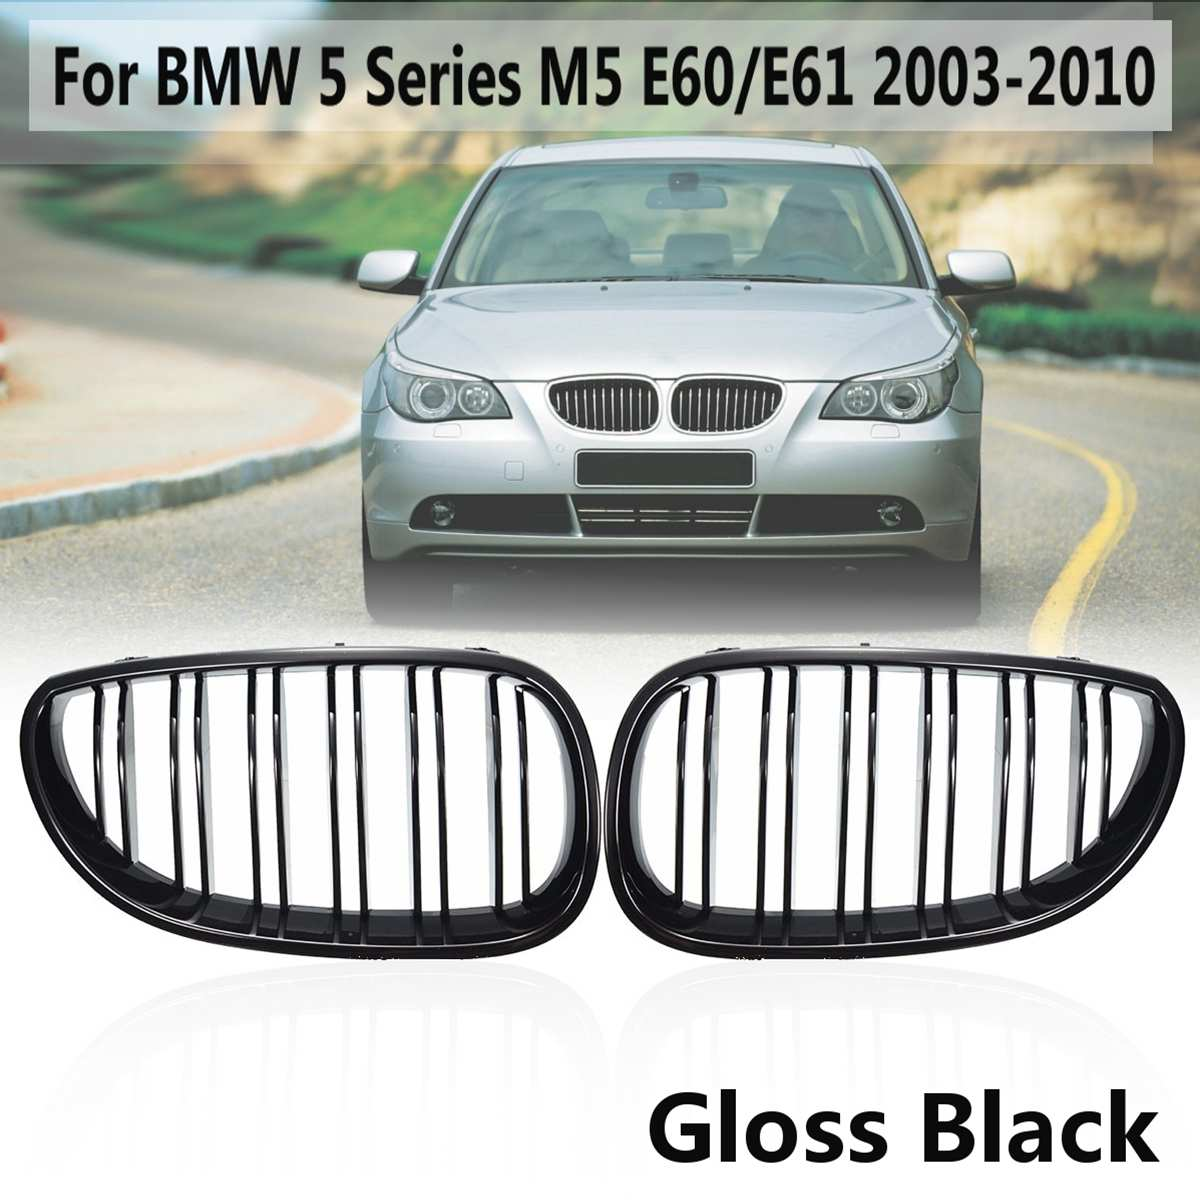 Carro Esporte Frente Grill Grelhas Grill Rim Para BMW Série 5 M5 E60/E61 2003 2004 2005 2006 2007 2008 2009 2010 Preto Brilhante